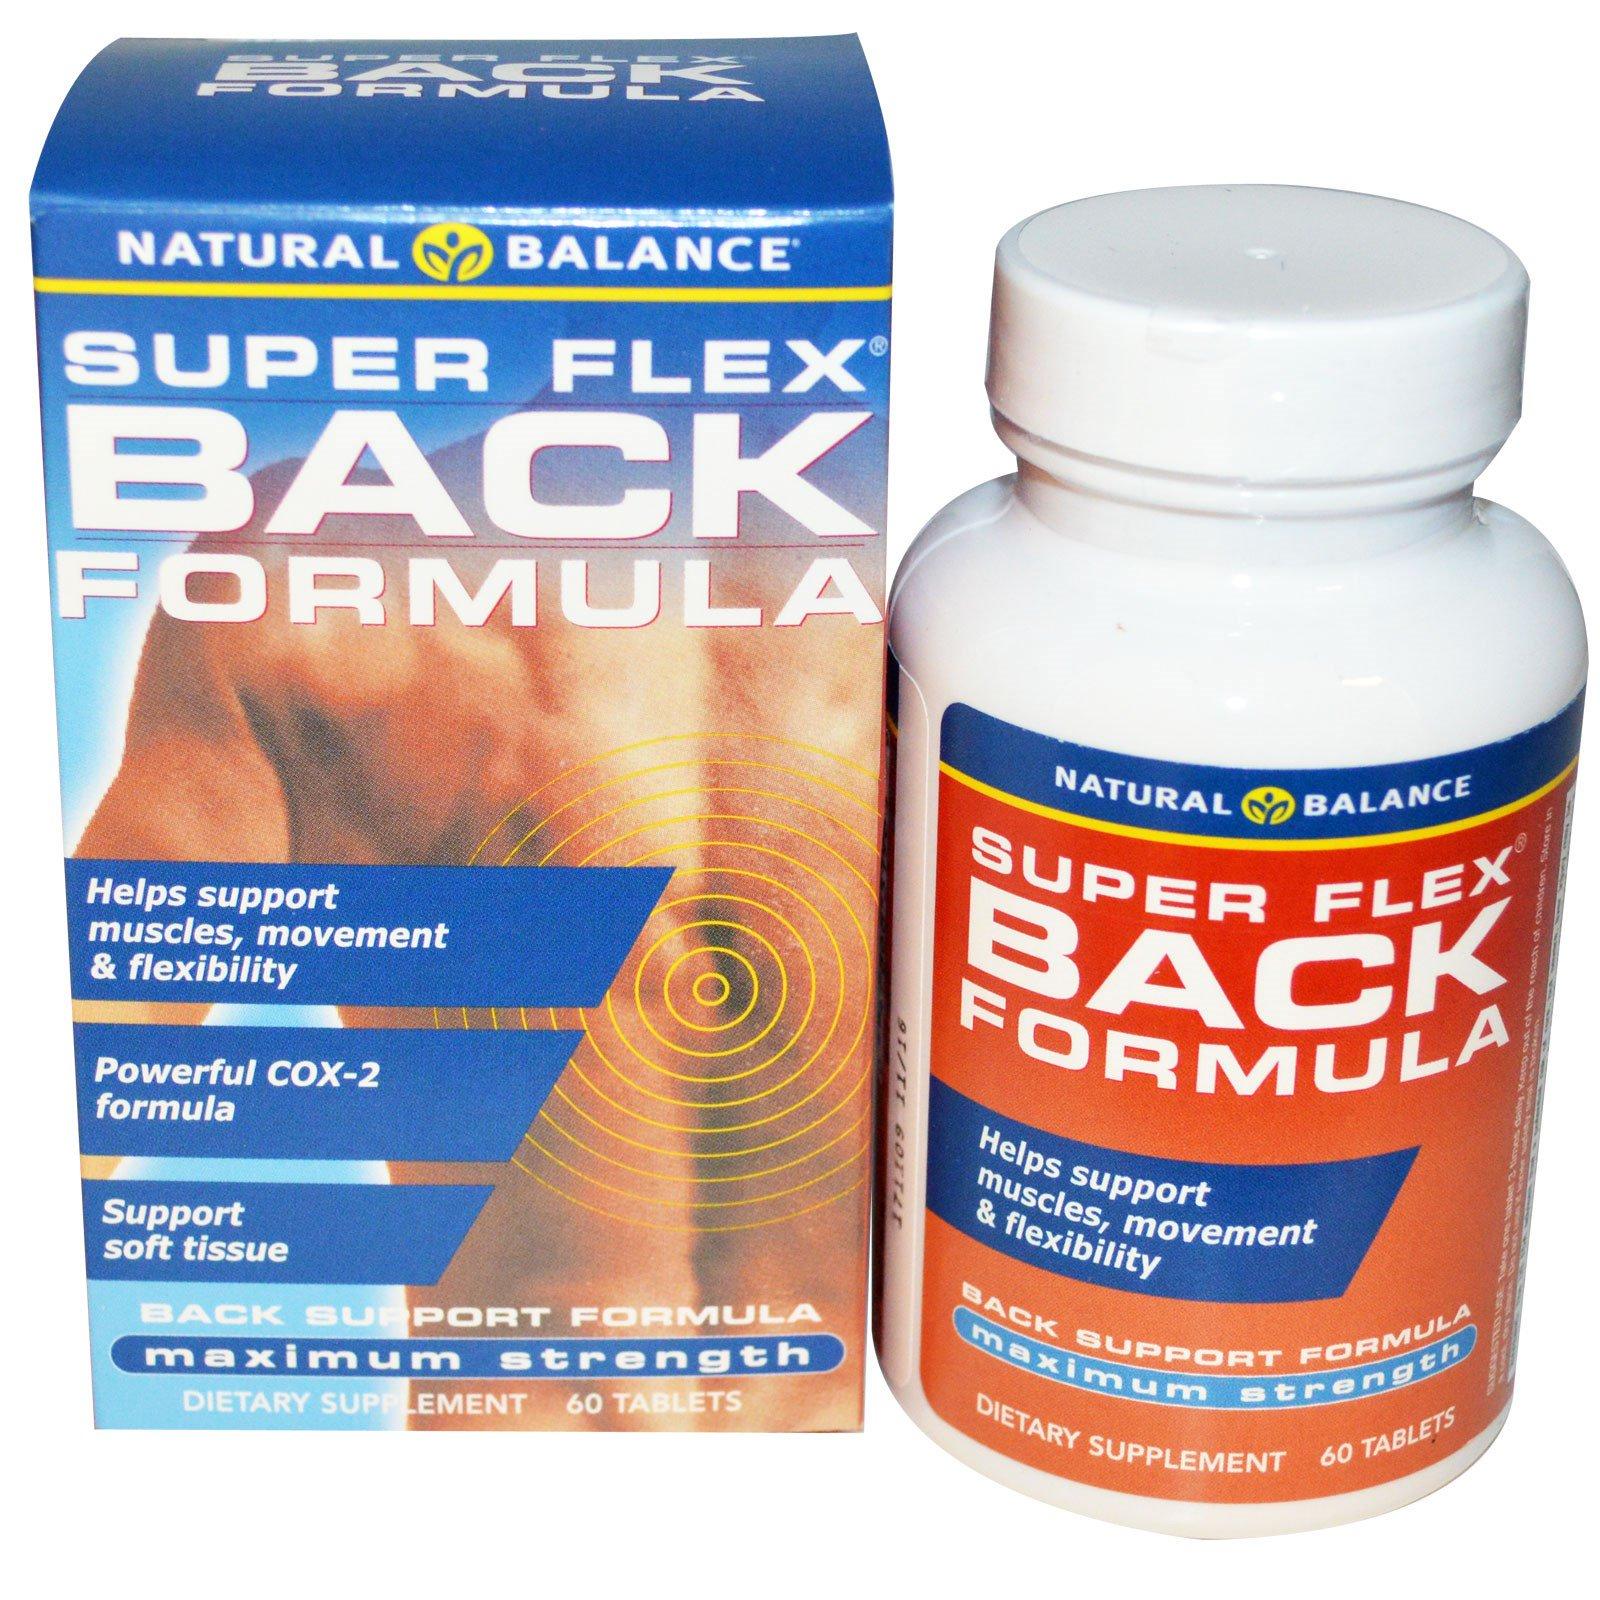 Natural Balance, «Супер Флекс», формула для улучшения здоровья спины, максимальная сила, 60 таблеток